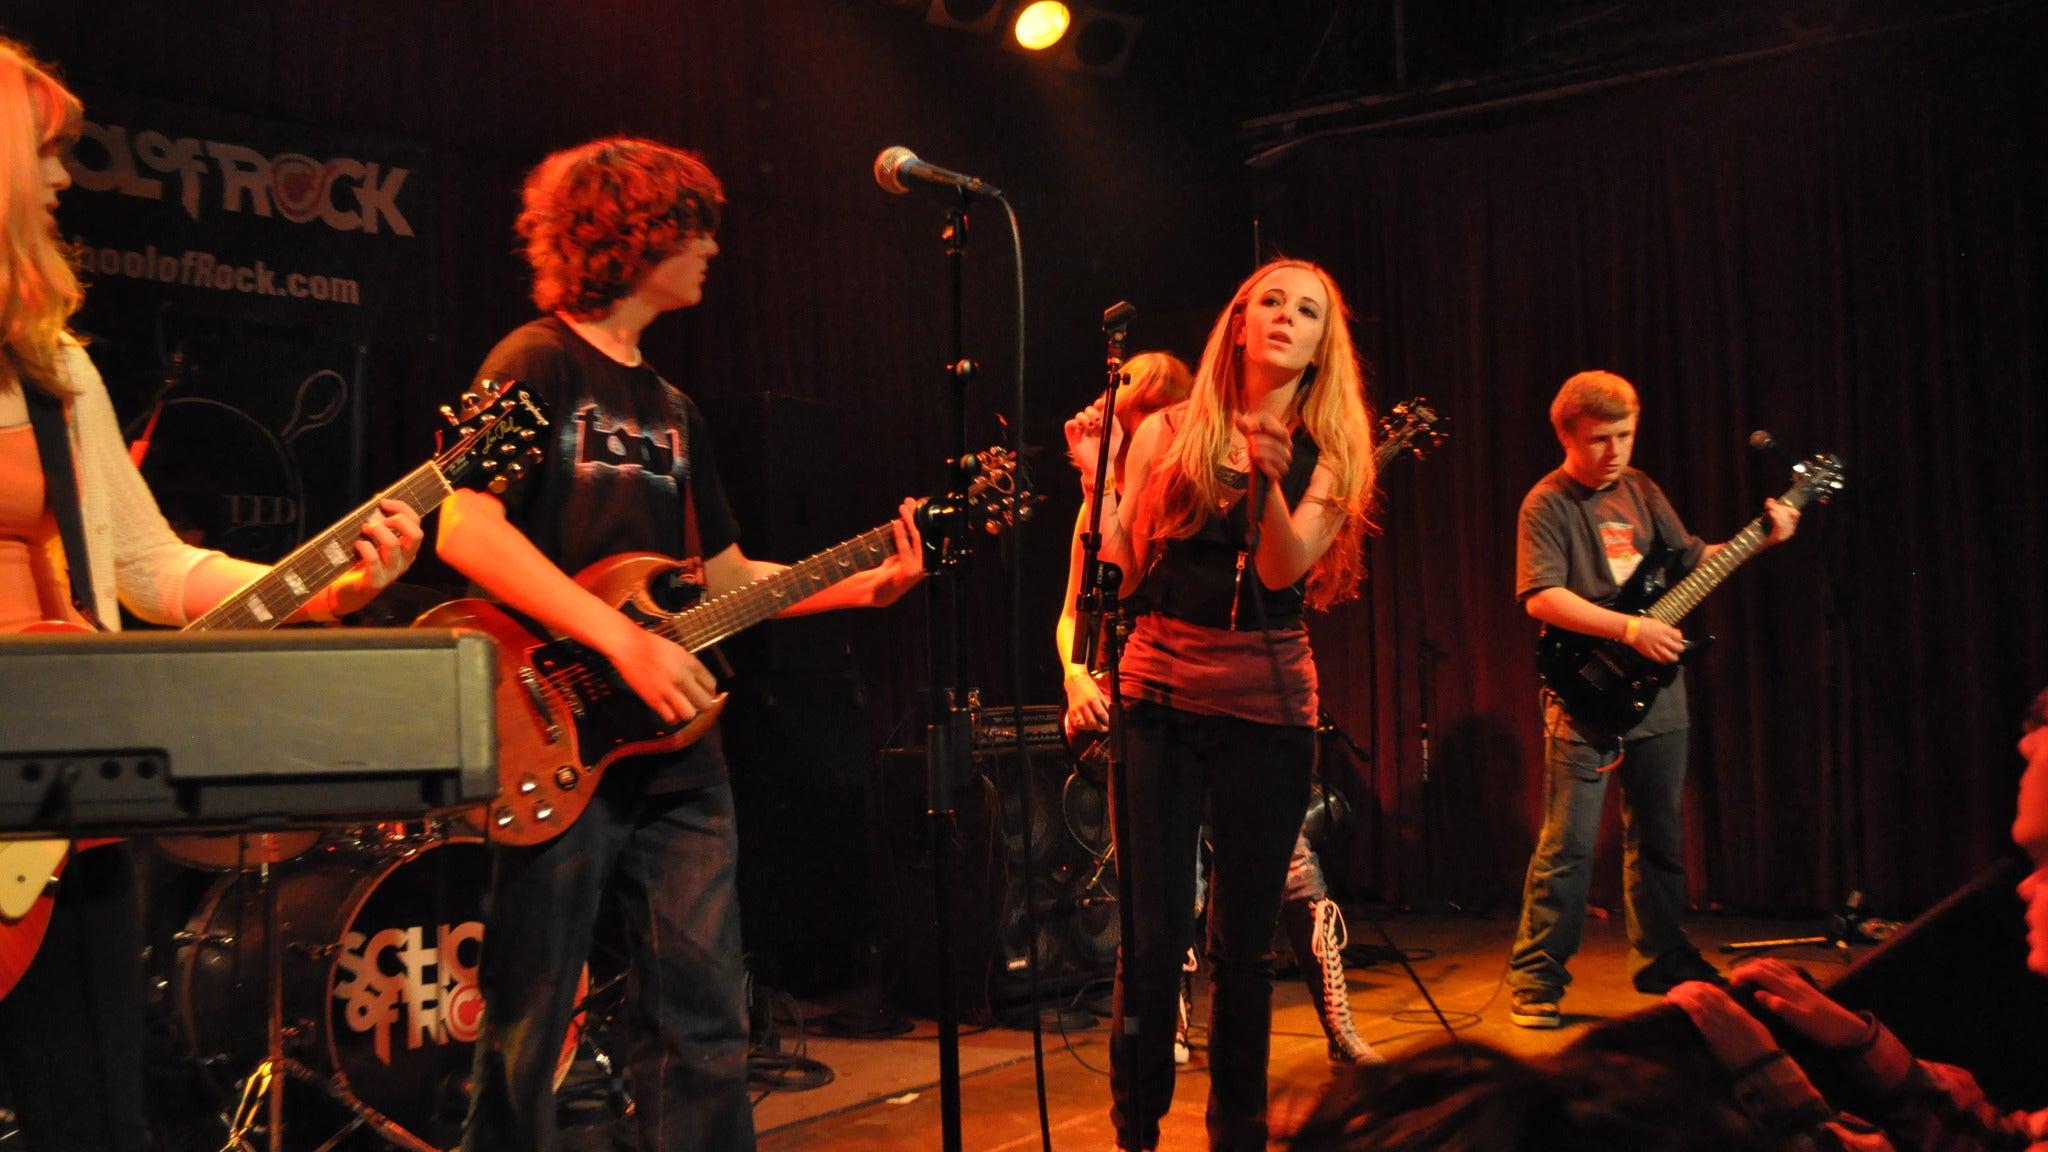 School Of Rock Summer Tour